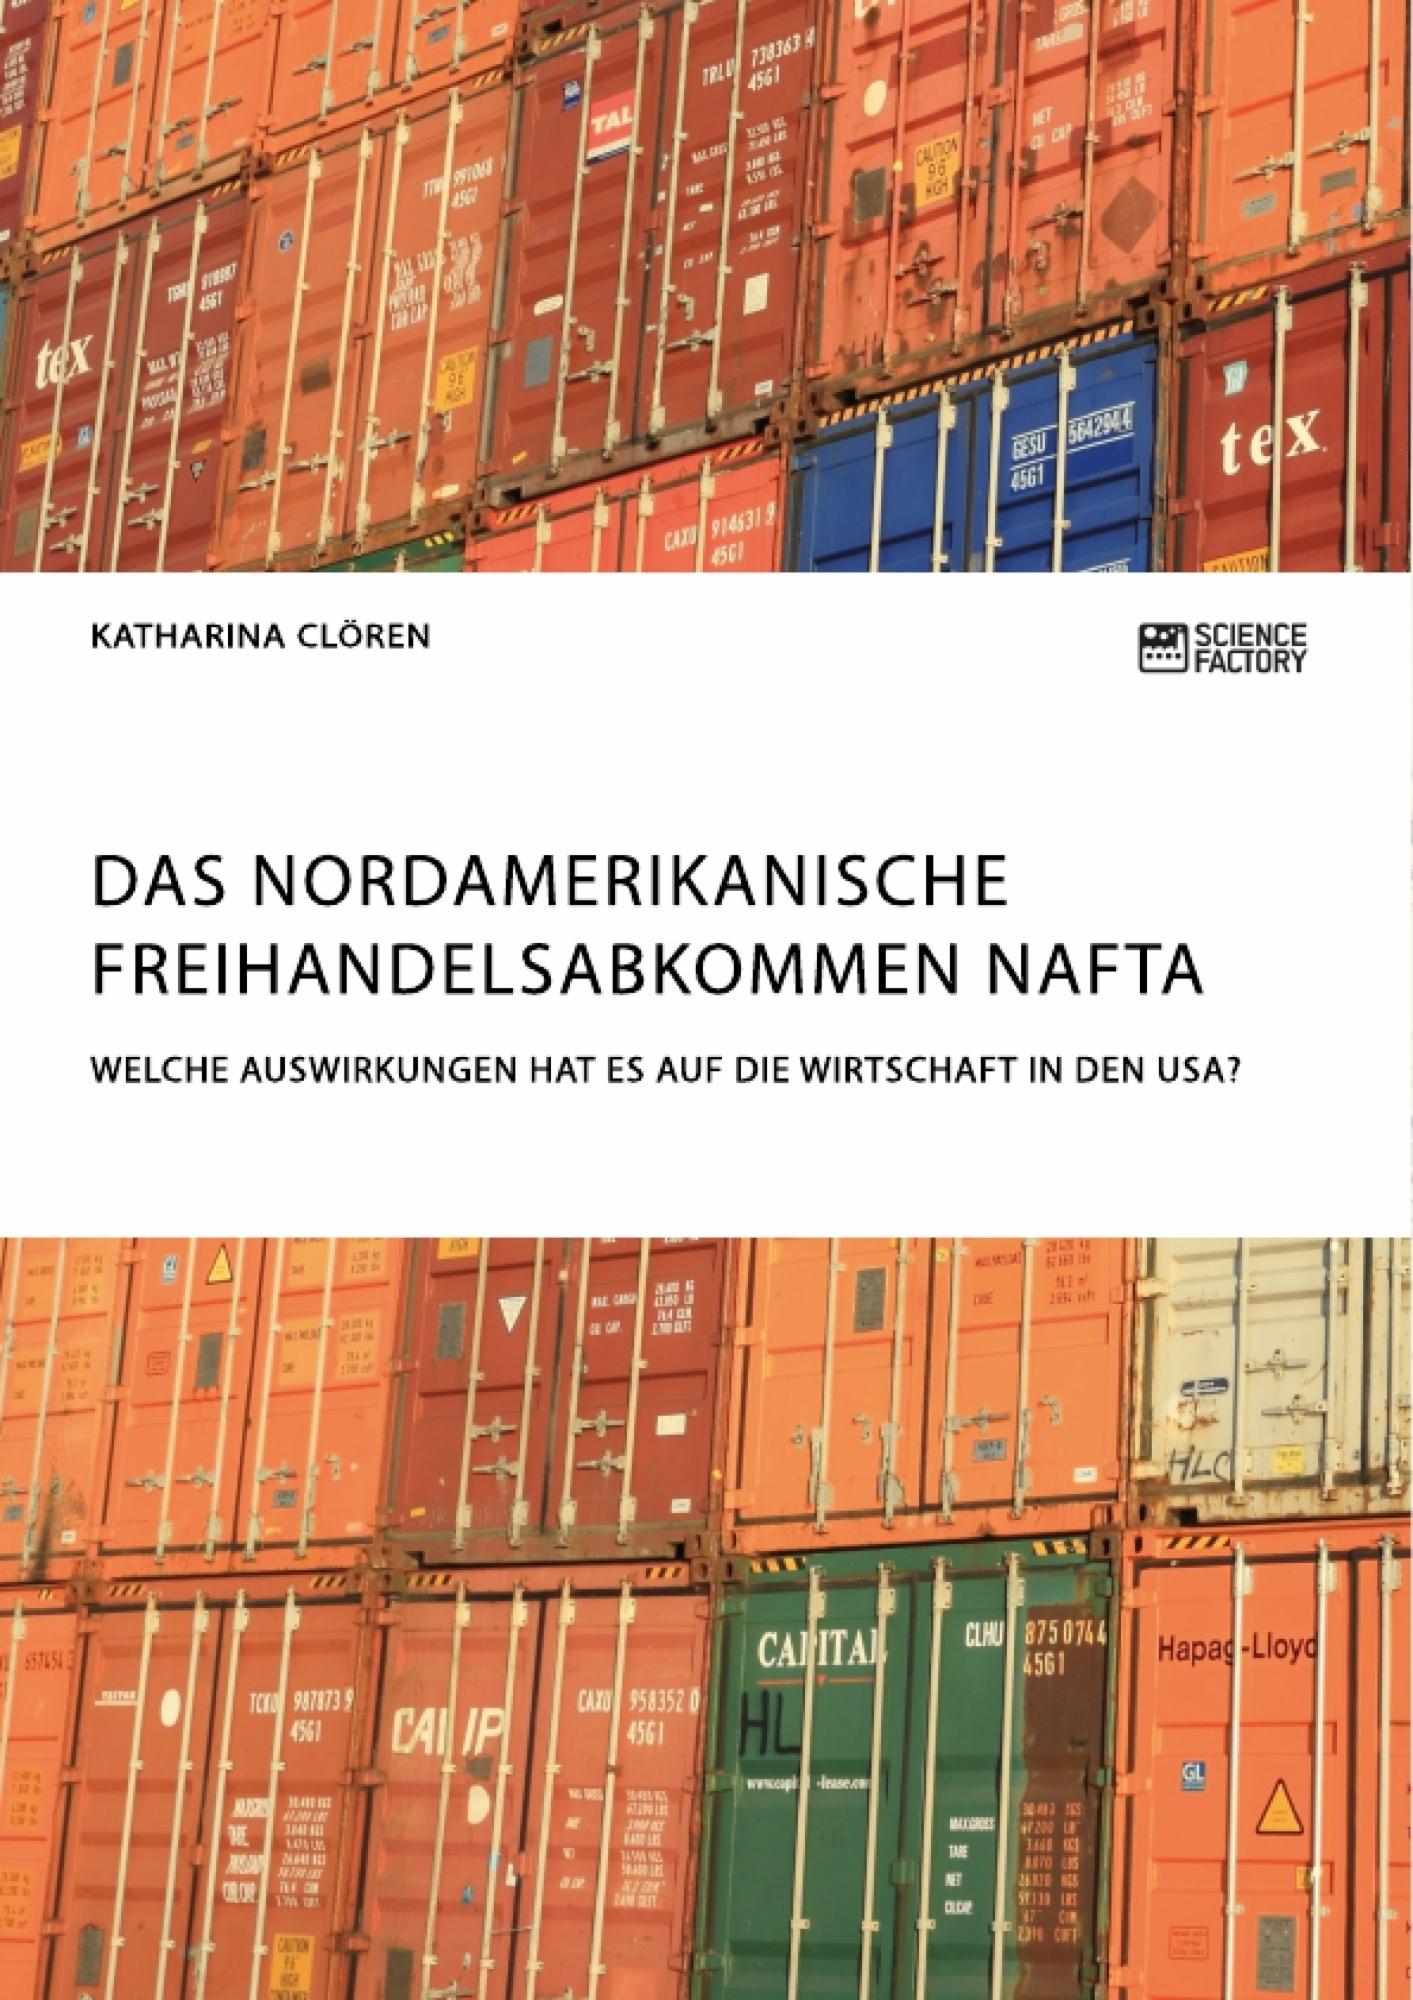 Titel: Das Nordamerikanische Freihandelsabkommen NAFTA. Welche Auswirkungen hat es auf die Wirtschaft in den USA?